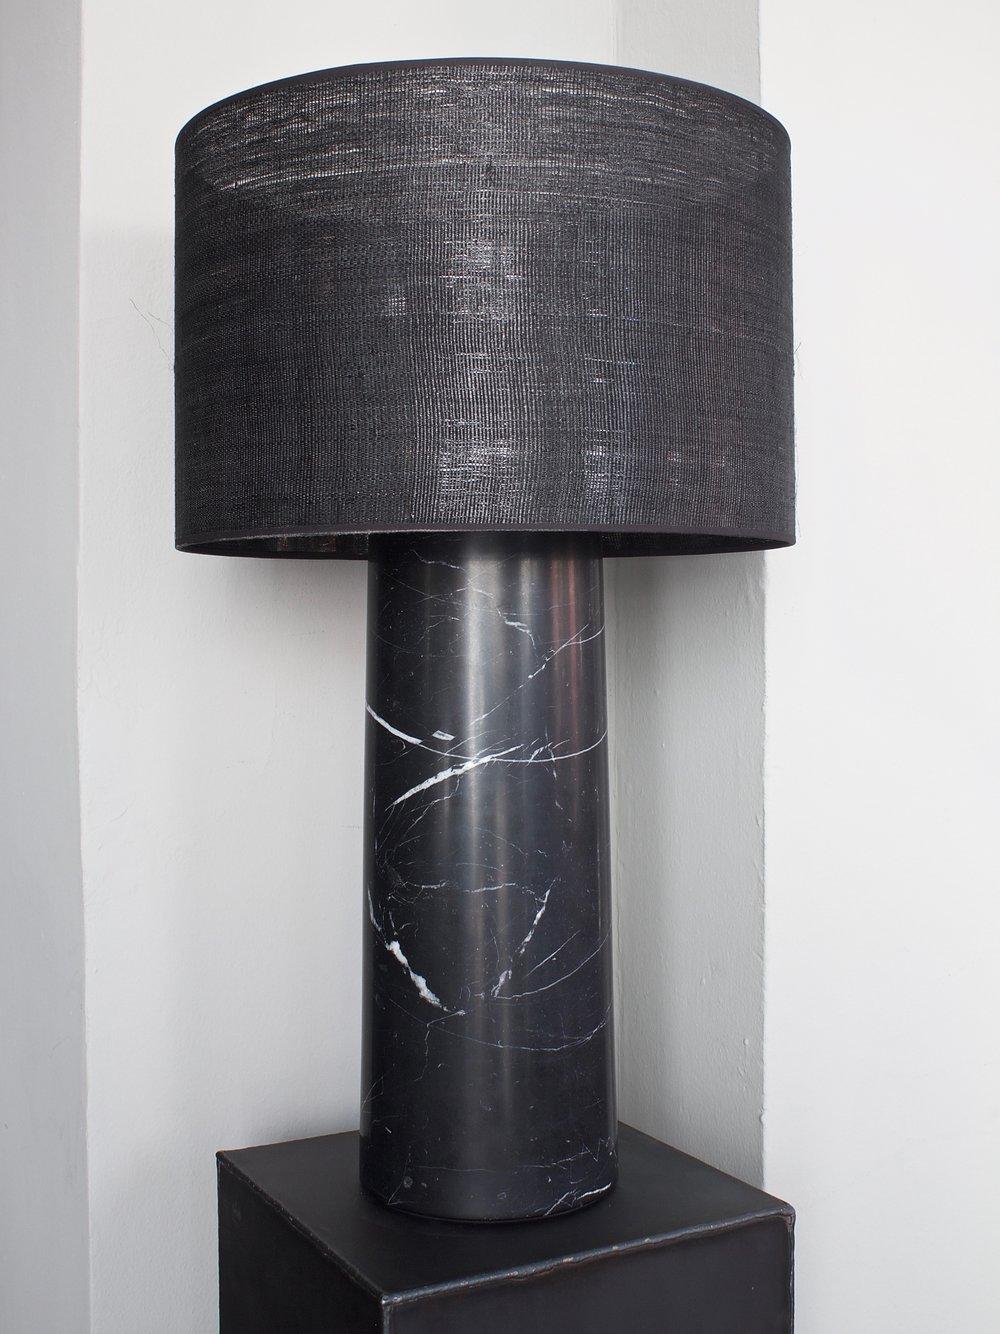 Noir Marble Lamp <i><br>17.500 DKK </i>